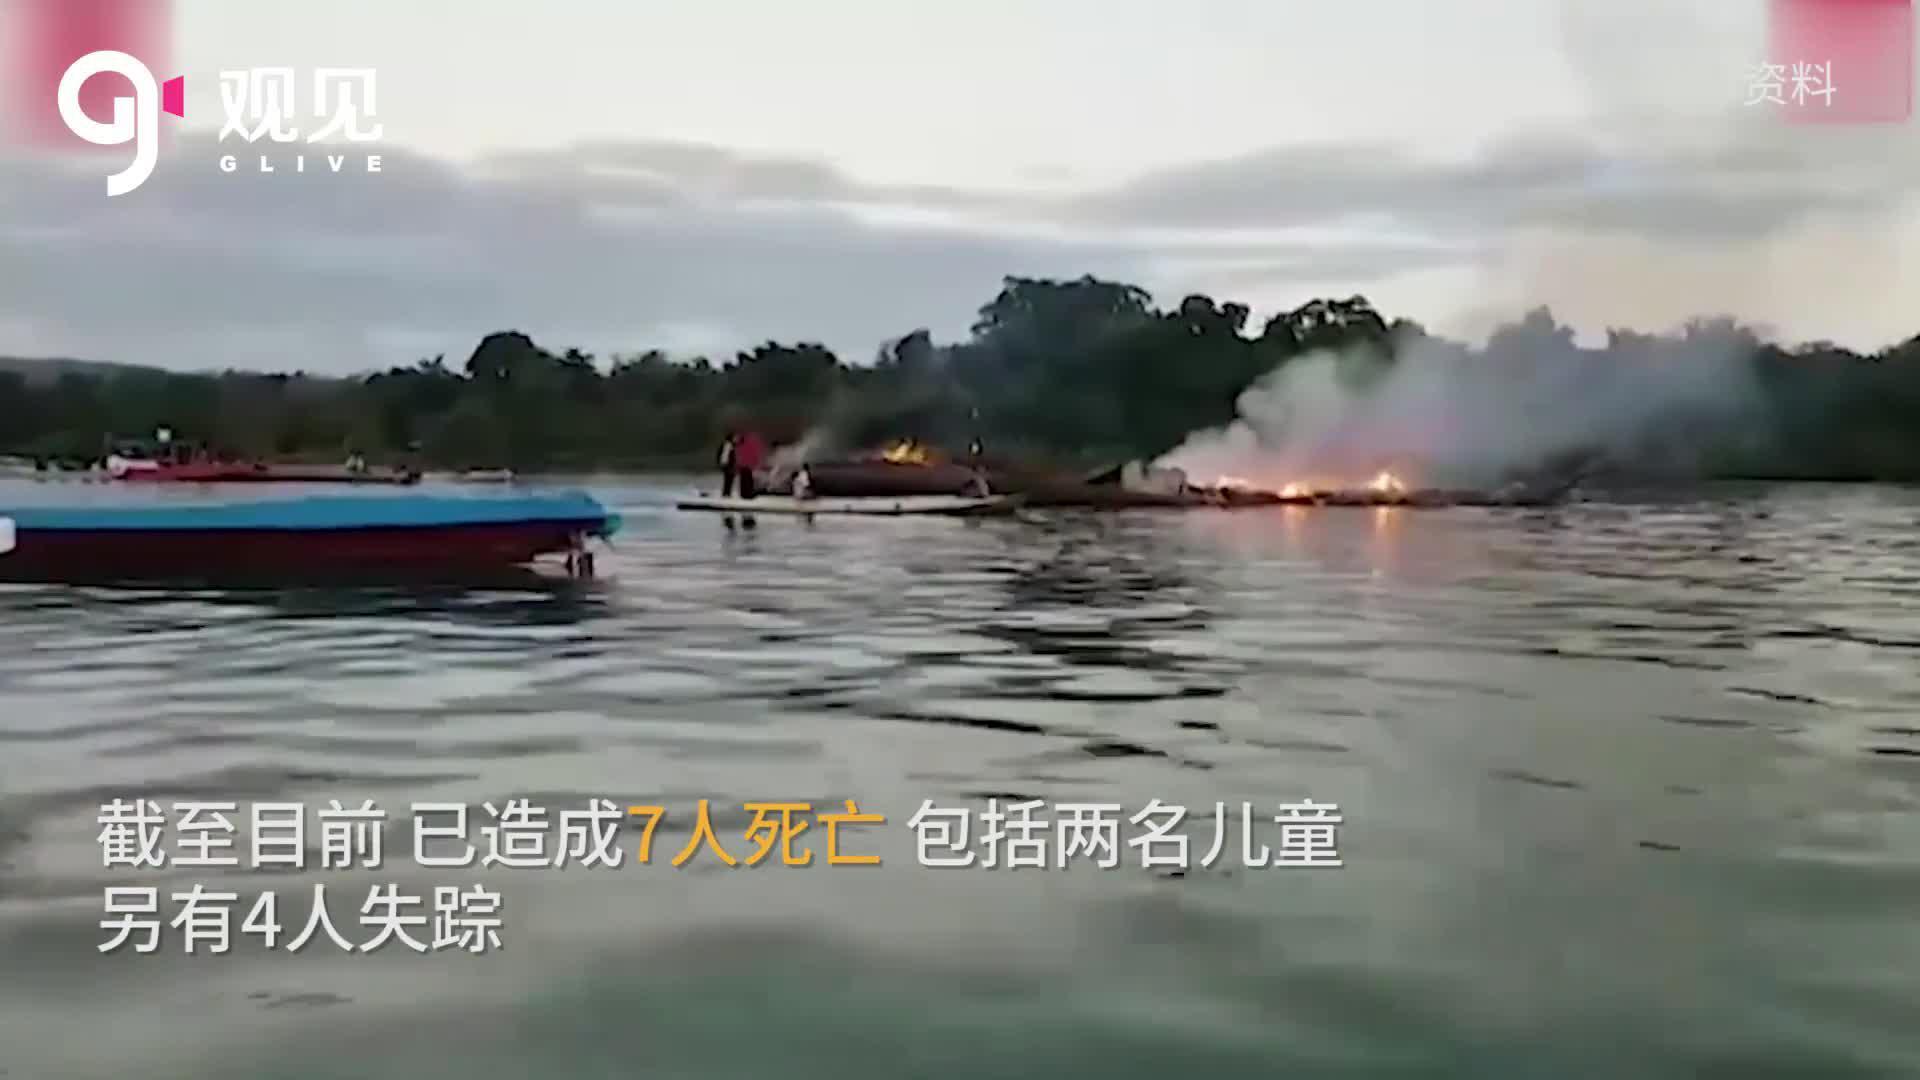 印尼一渡轮失火,致7人死亡4人失踪